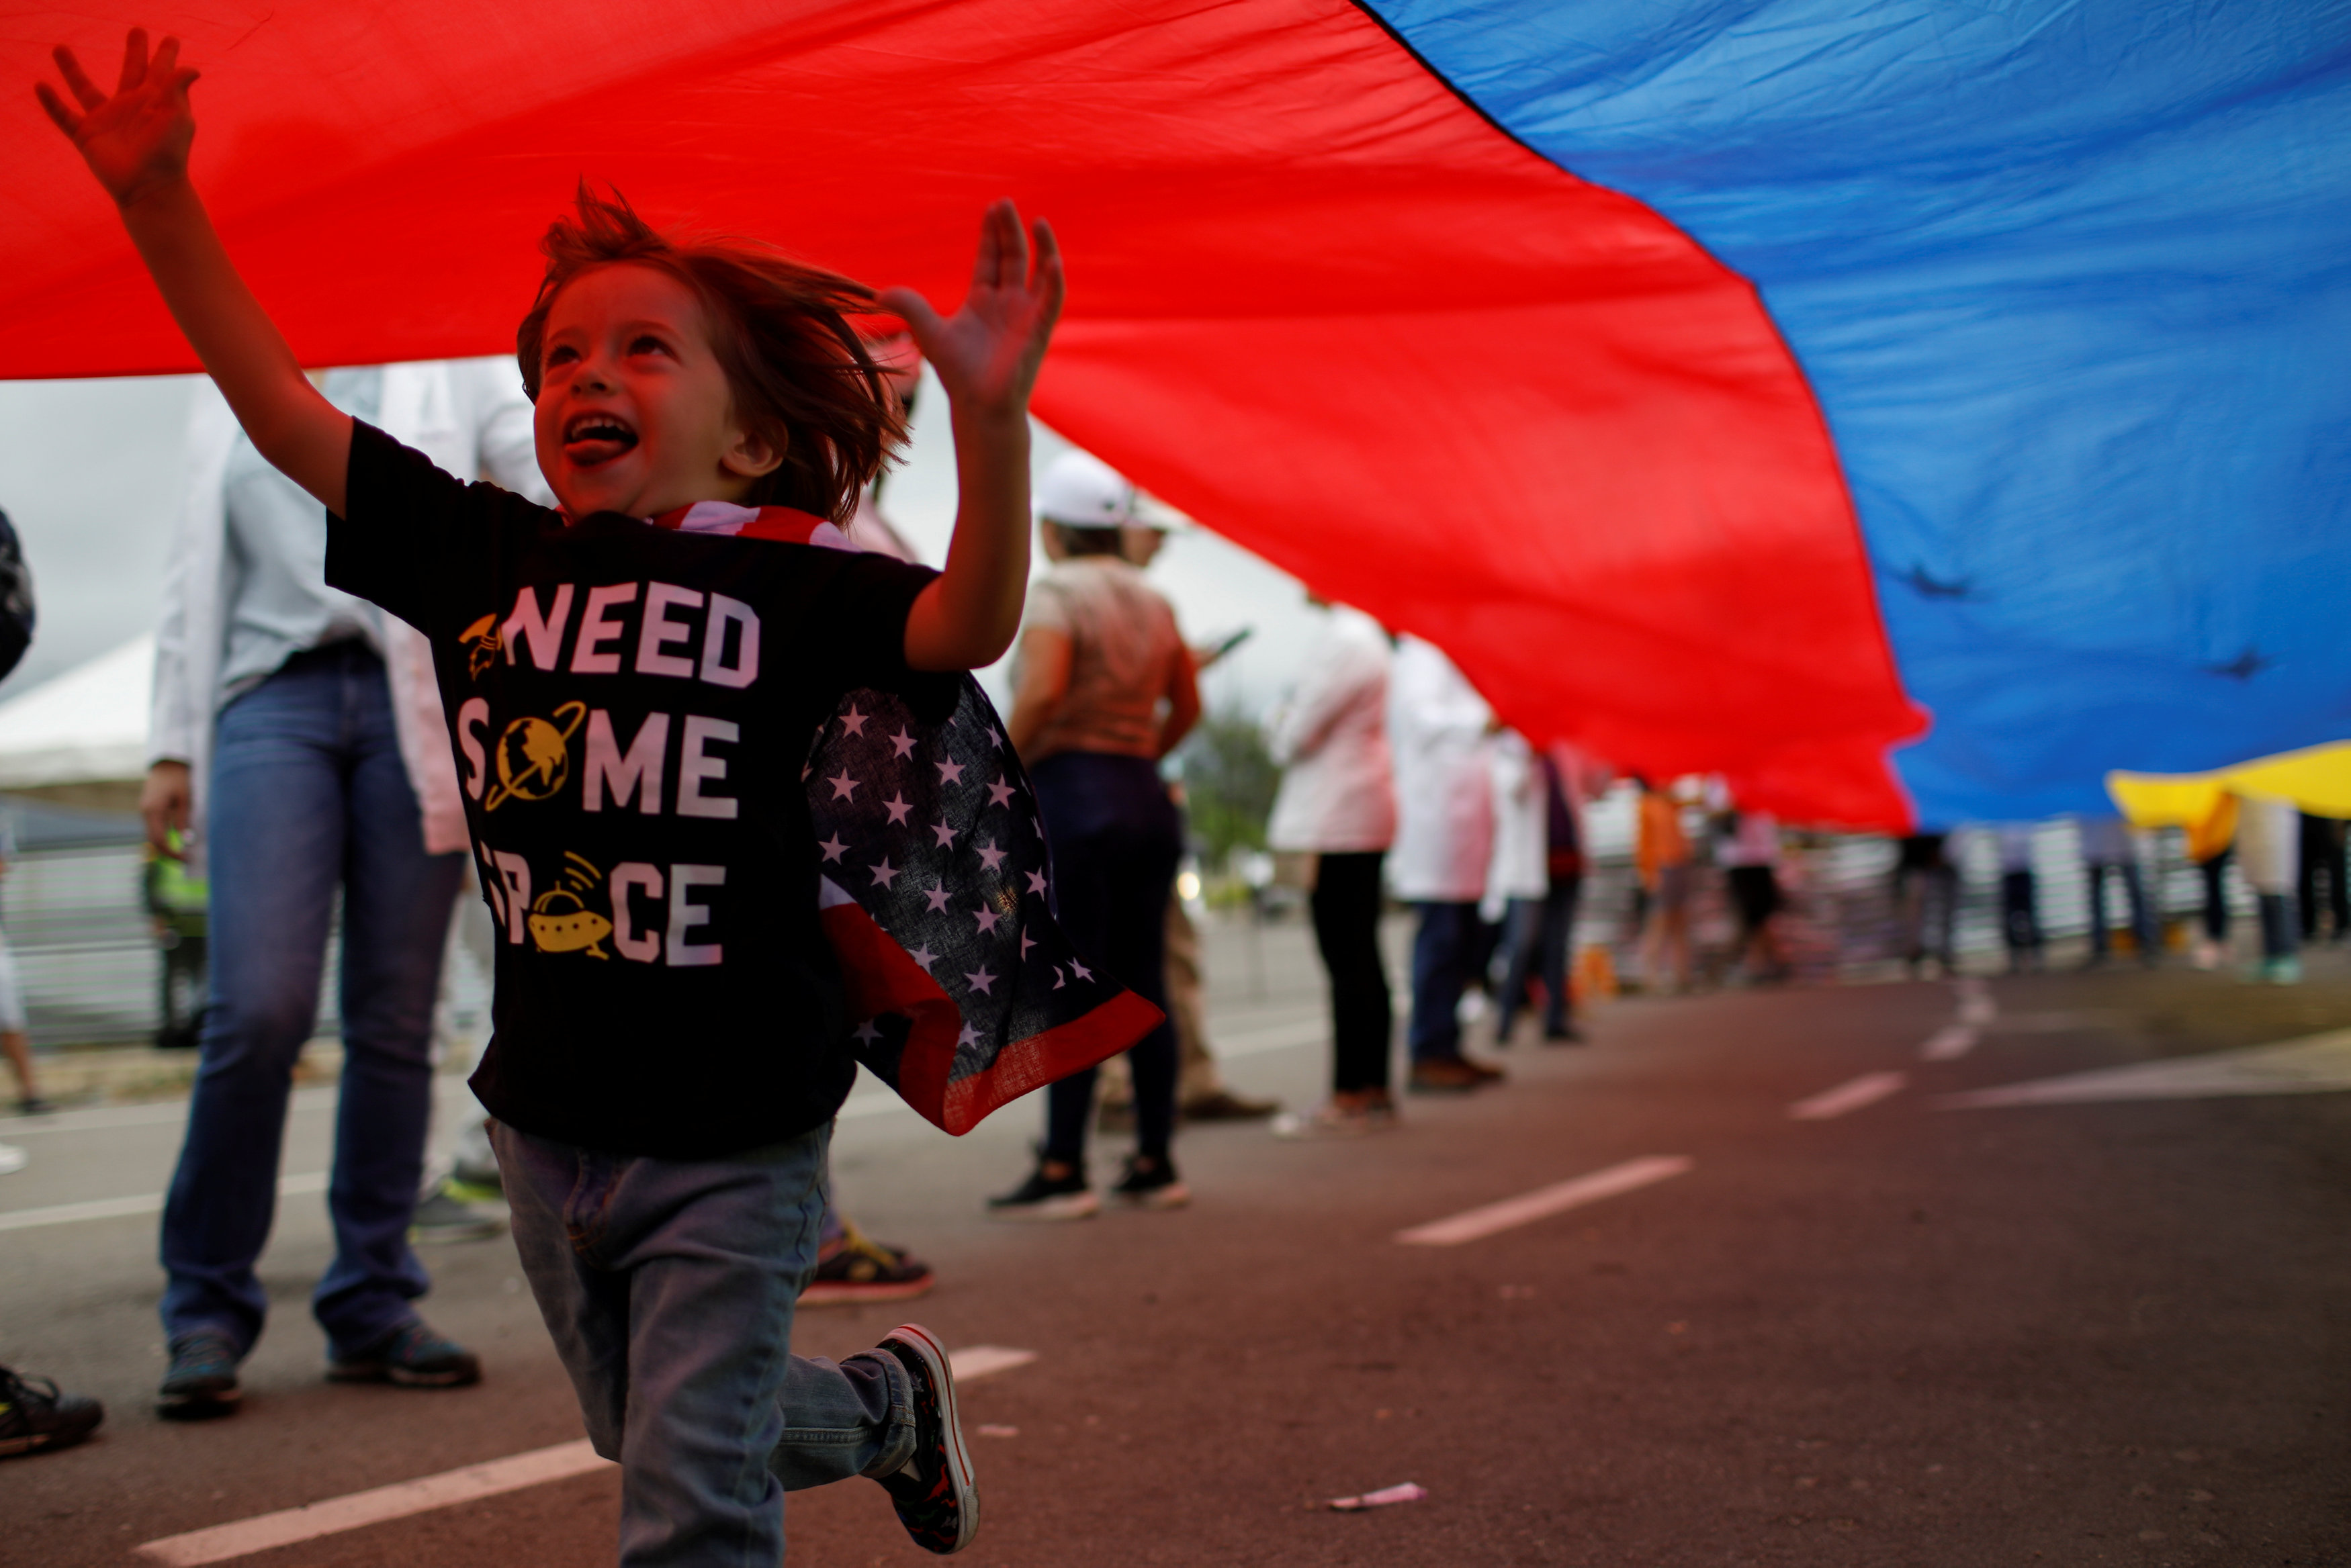 أطباء فنزويلا يحتجون بسبب الأوضاع المأساوية (10)